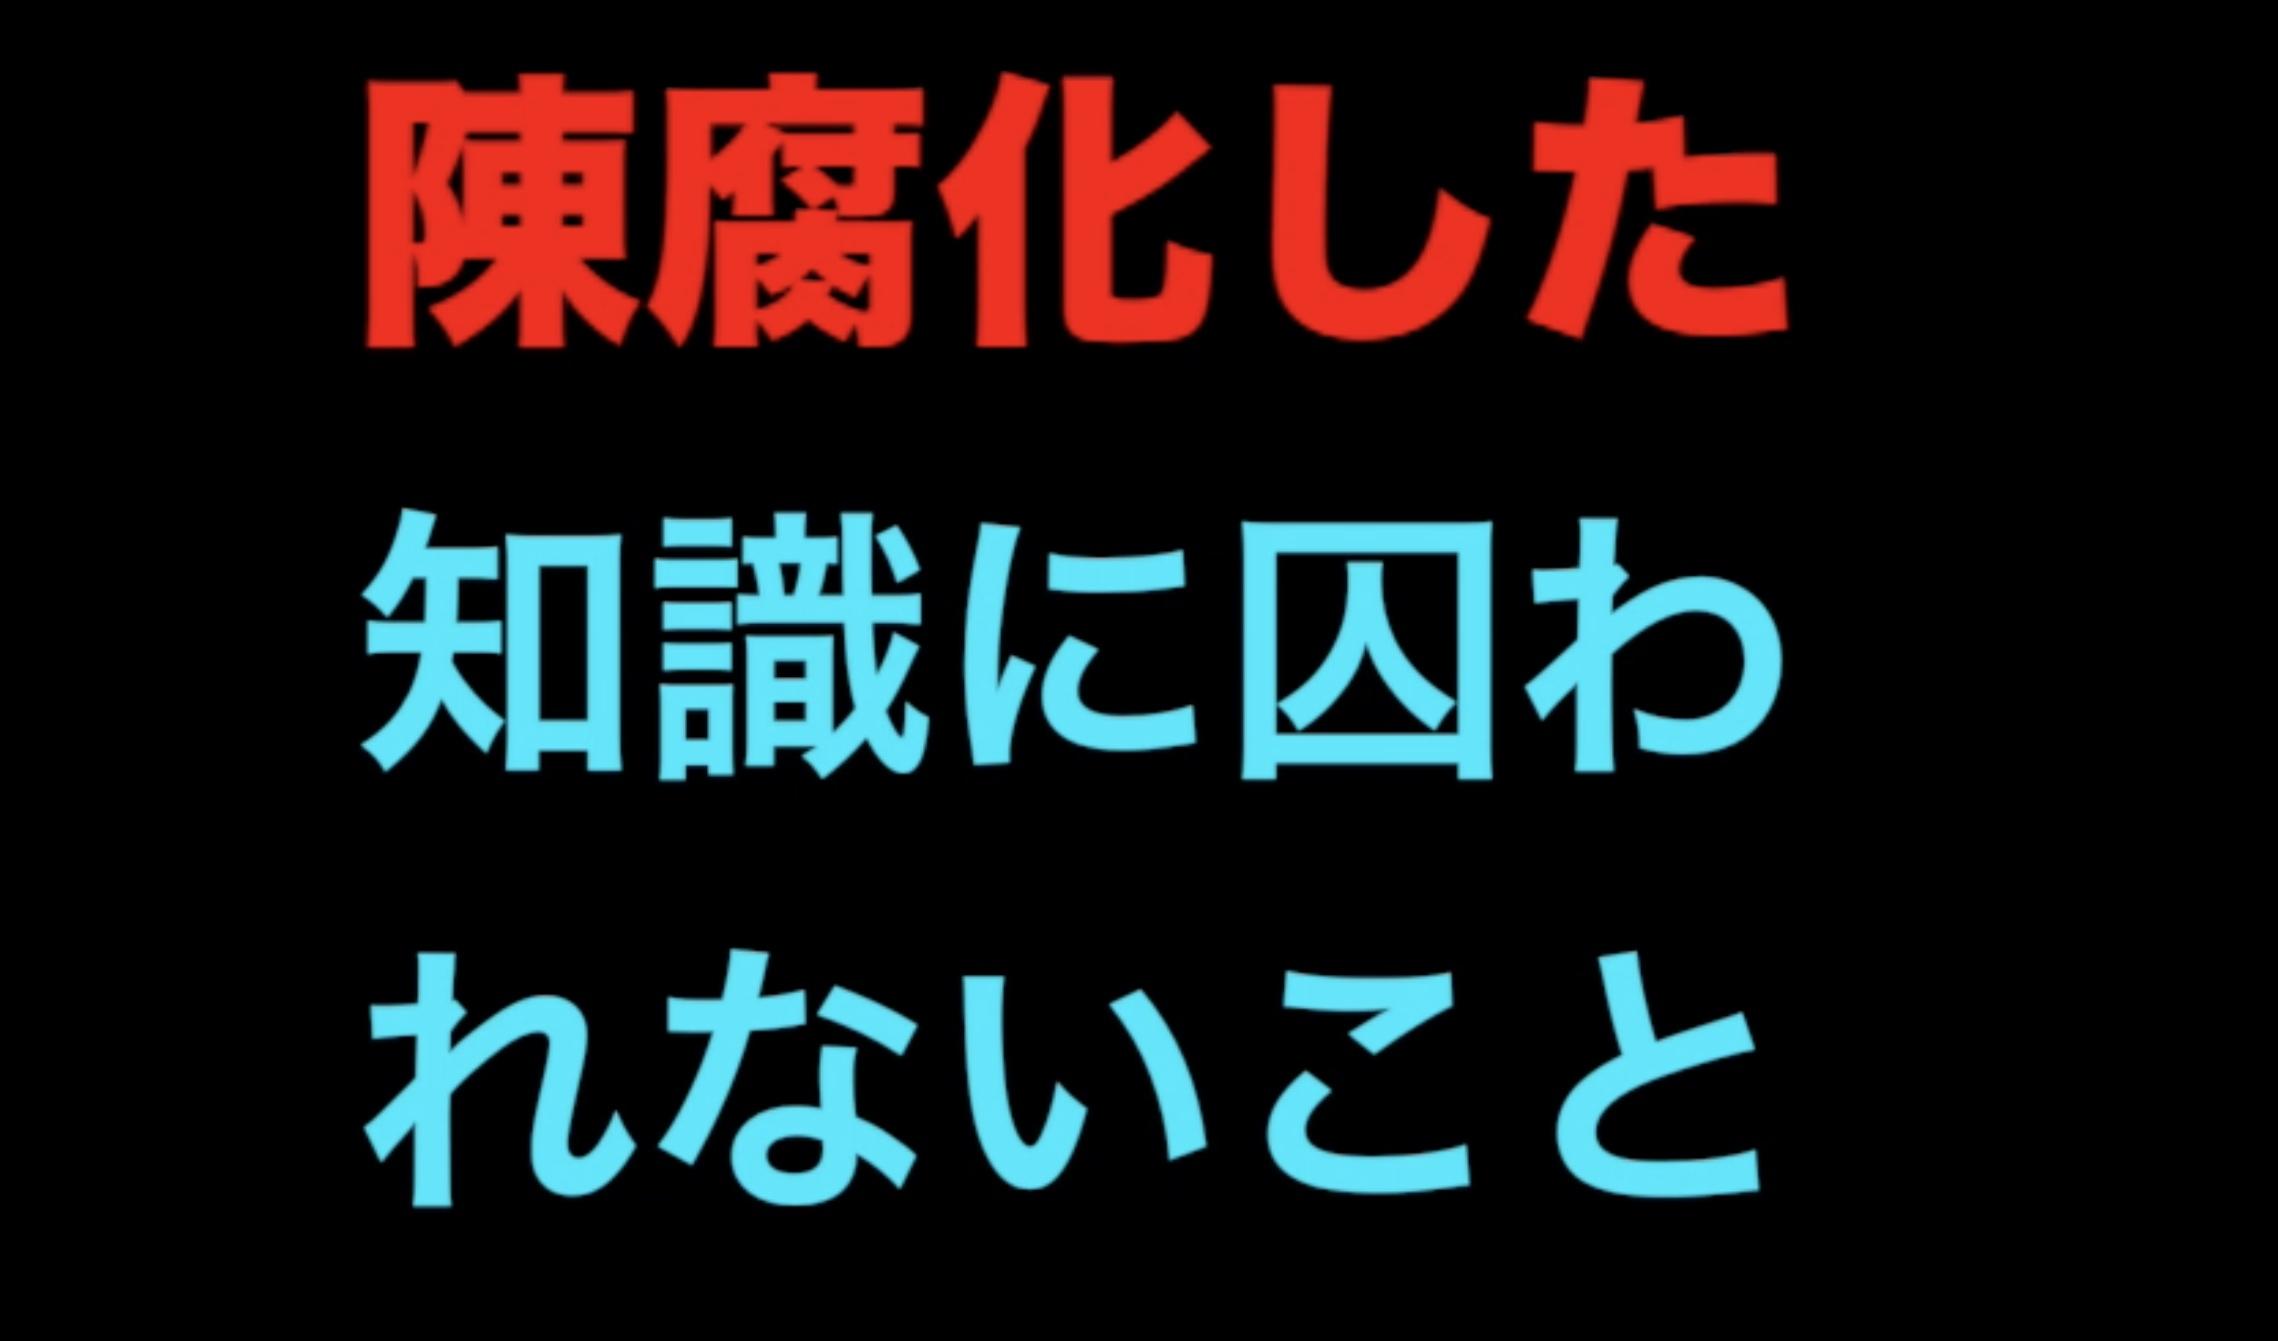 第2905話・・・バレー塾 福島シリーズ_c0000970_11173207.jpg